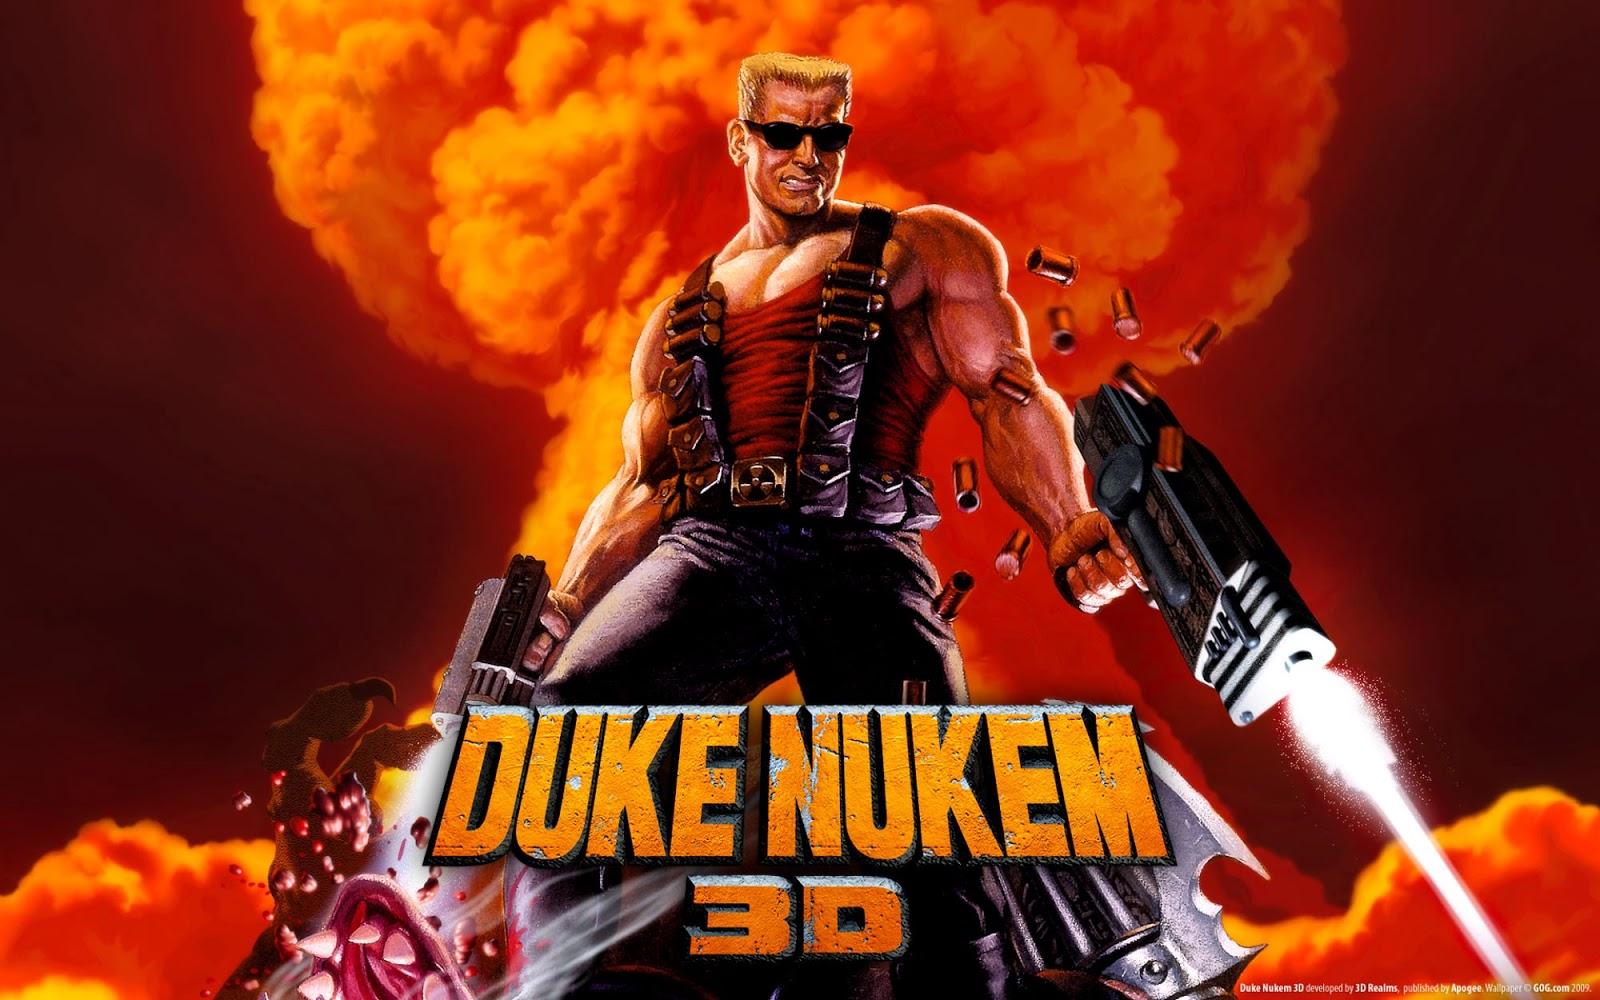 تحميل لعبة الأكشن القديمة Duke Nukem 3D